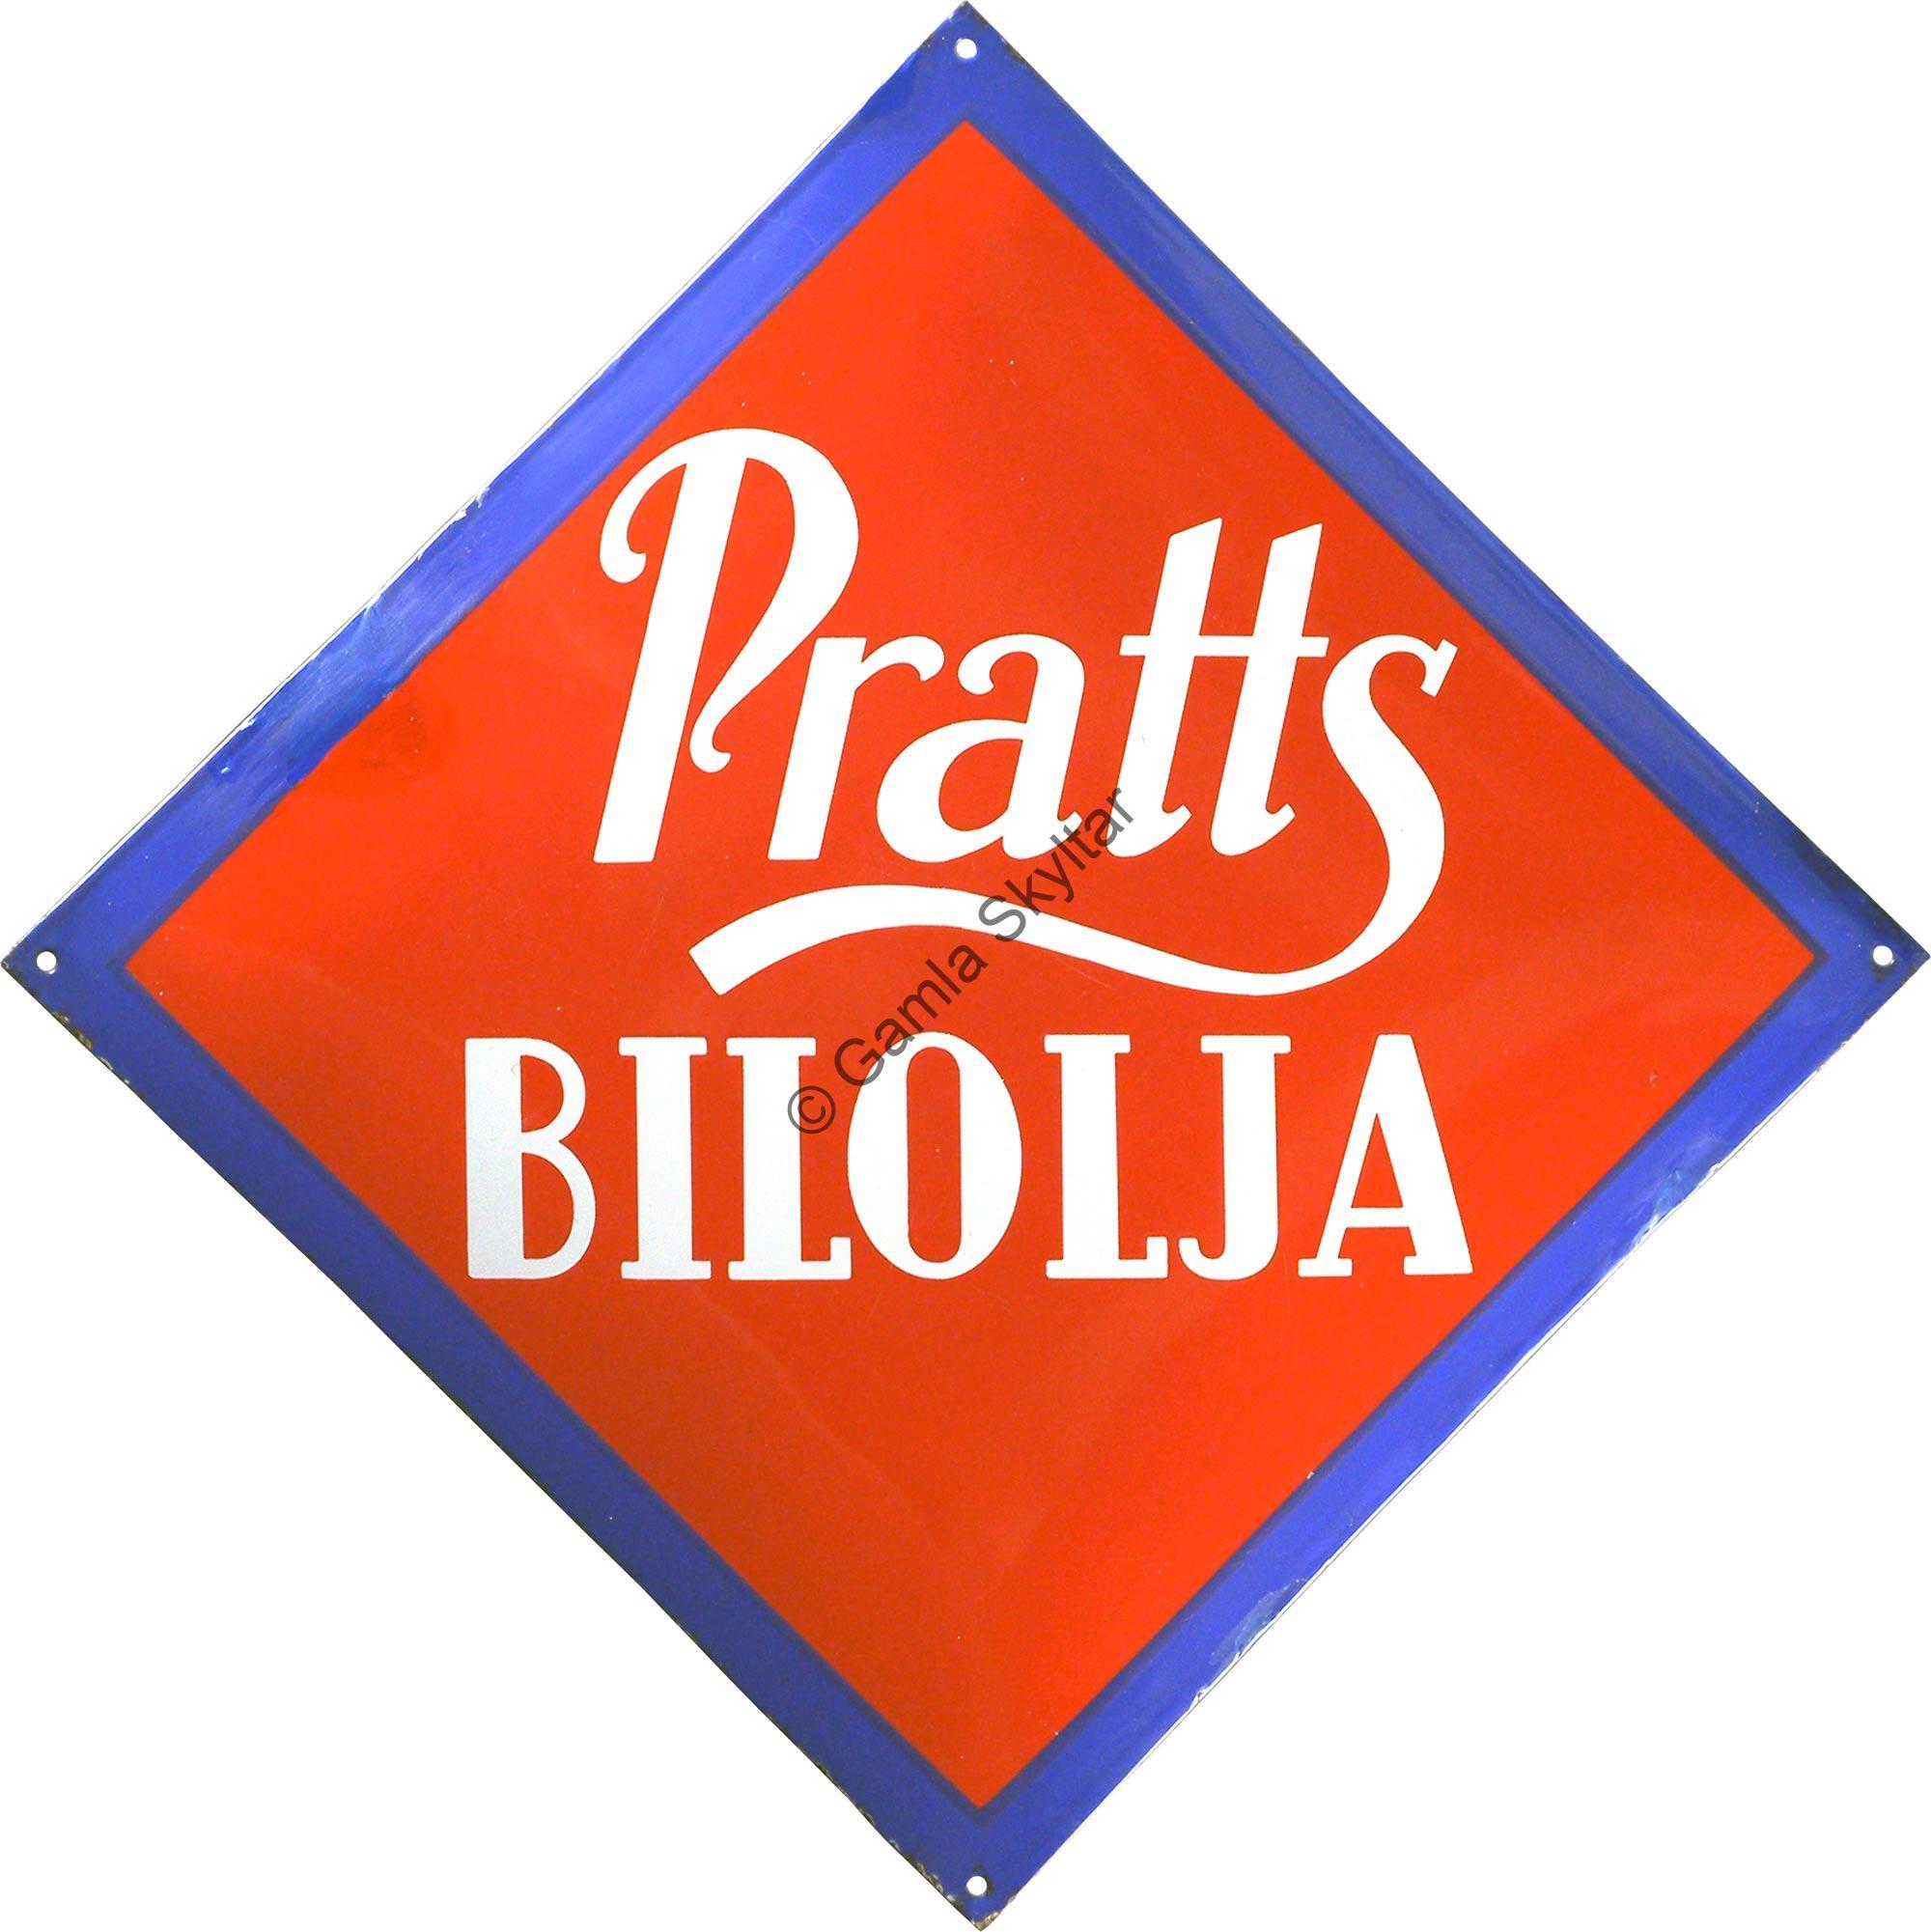 Pratts Bilolja - Gamla Skyltar 8728c6e1e955e